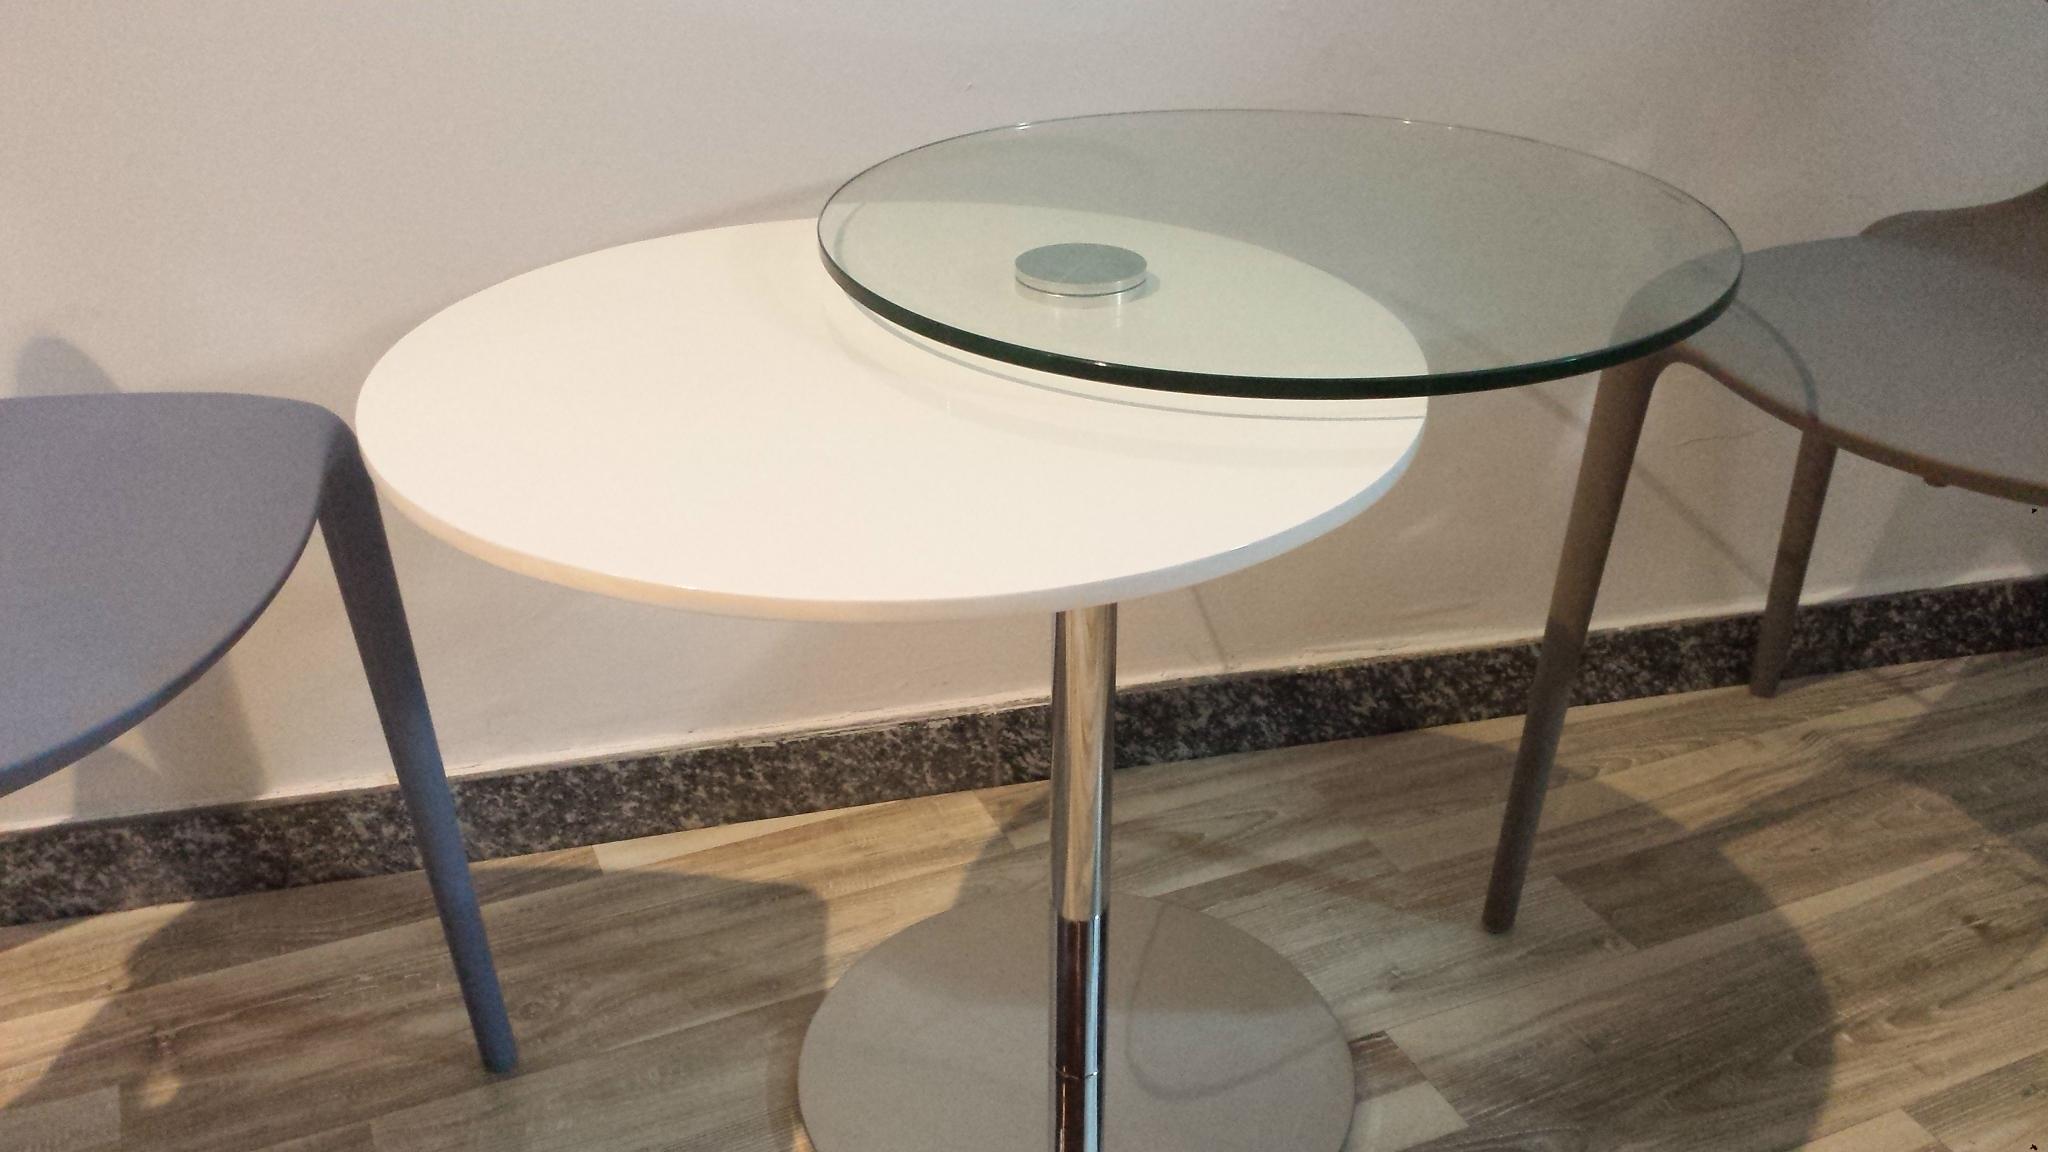 Pozzoli Tavolino Moderno Duplo - Complementi a prezzi scontati